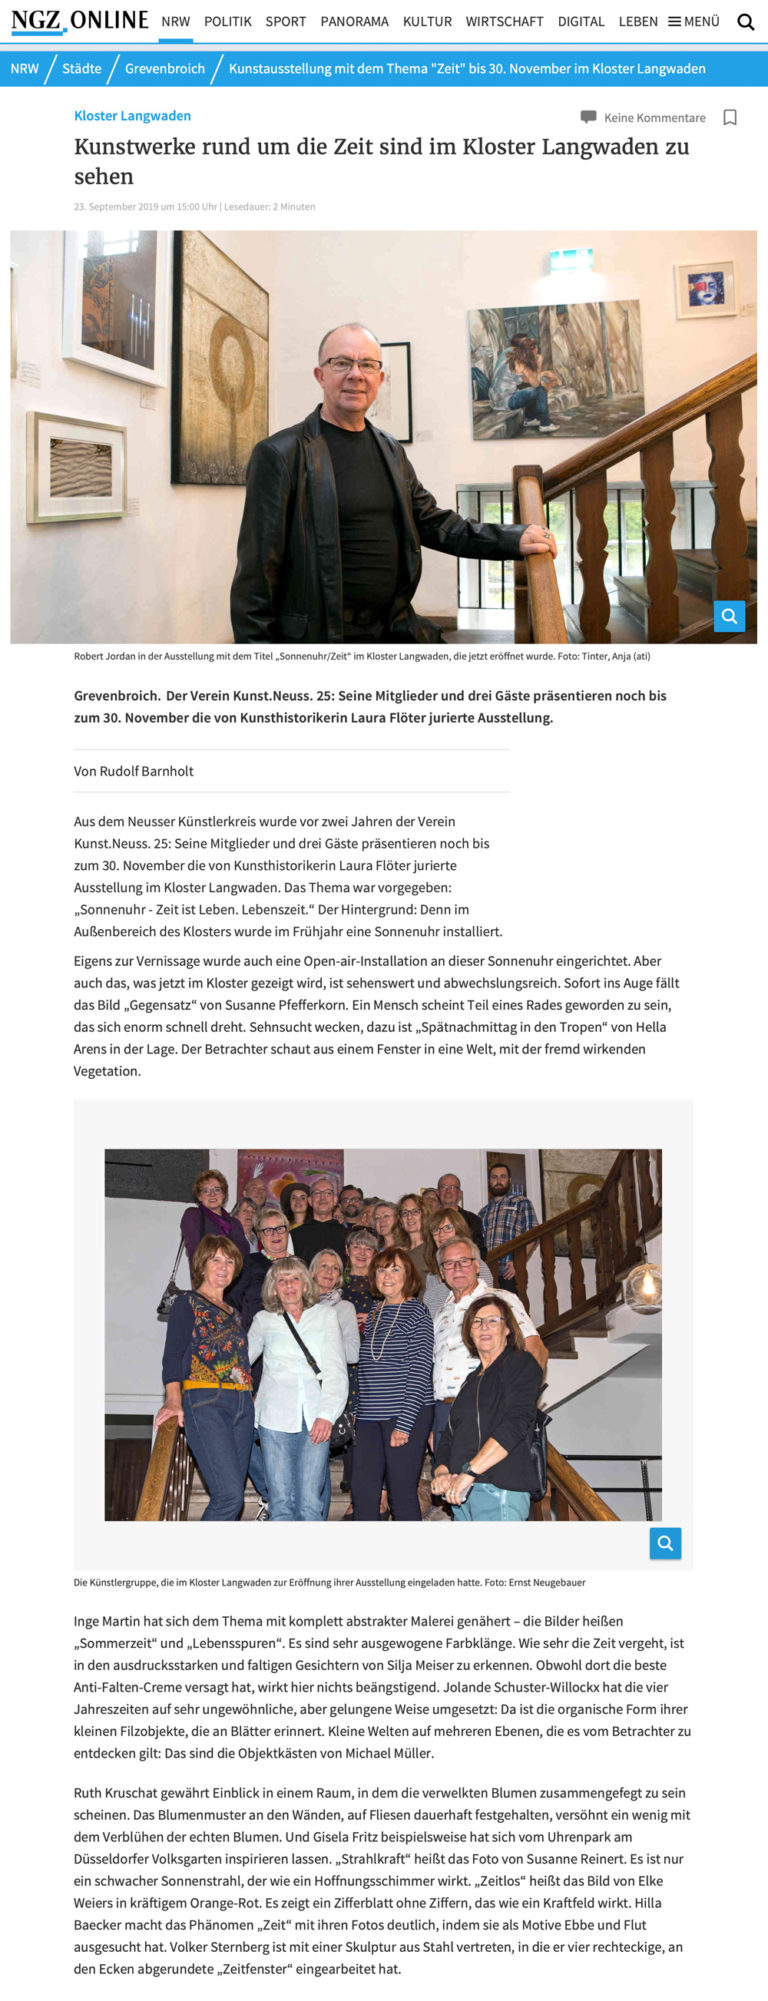 Presseartikel in der NGZ zur Ausstellung Sonnenuhr